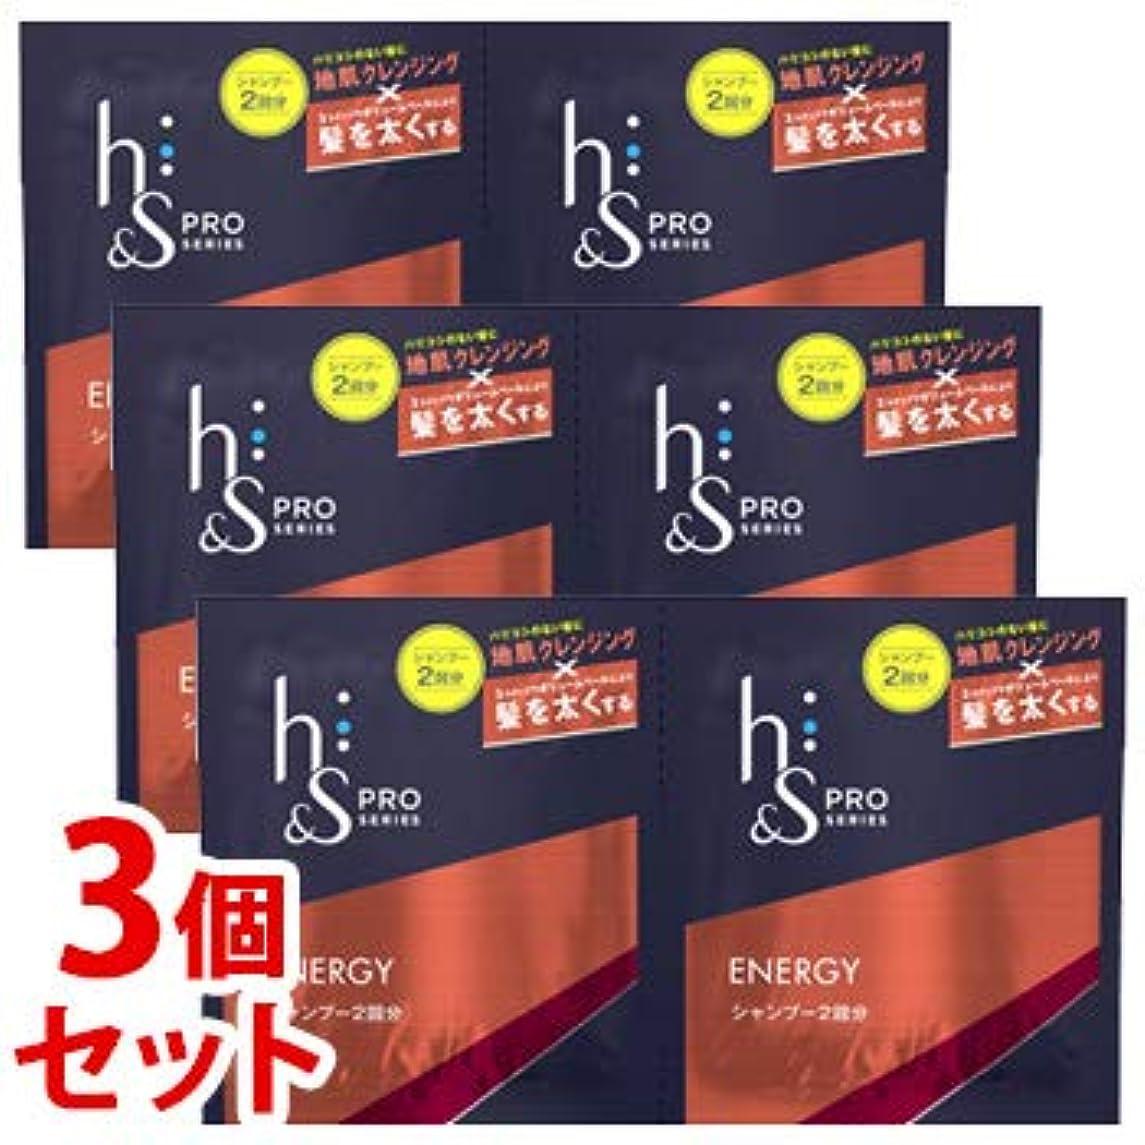 ポップ普通に議題《セット販売》 P&G エイチアンドエス h&s フォーメン プロシリーズ エナジー シャンプー トライアルサシェ 2回分 (12mL×2個)×3個セット 【医薬部外品】